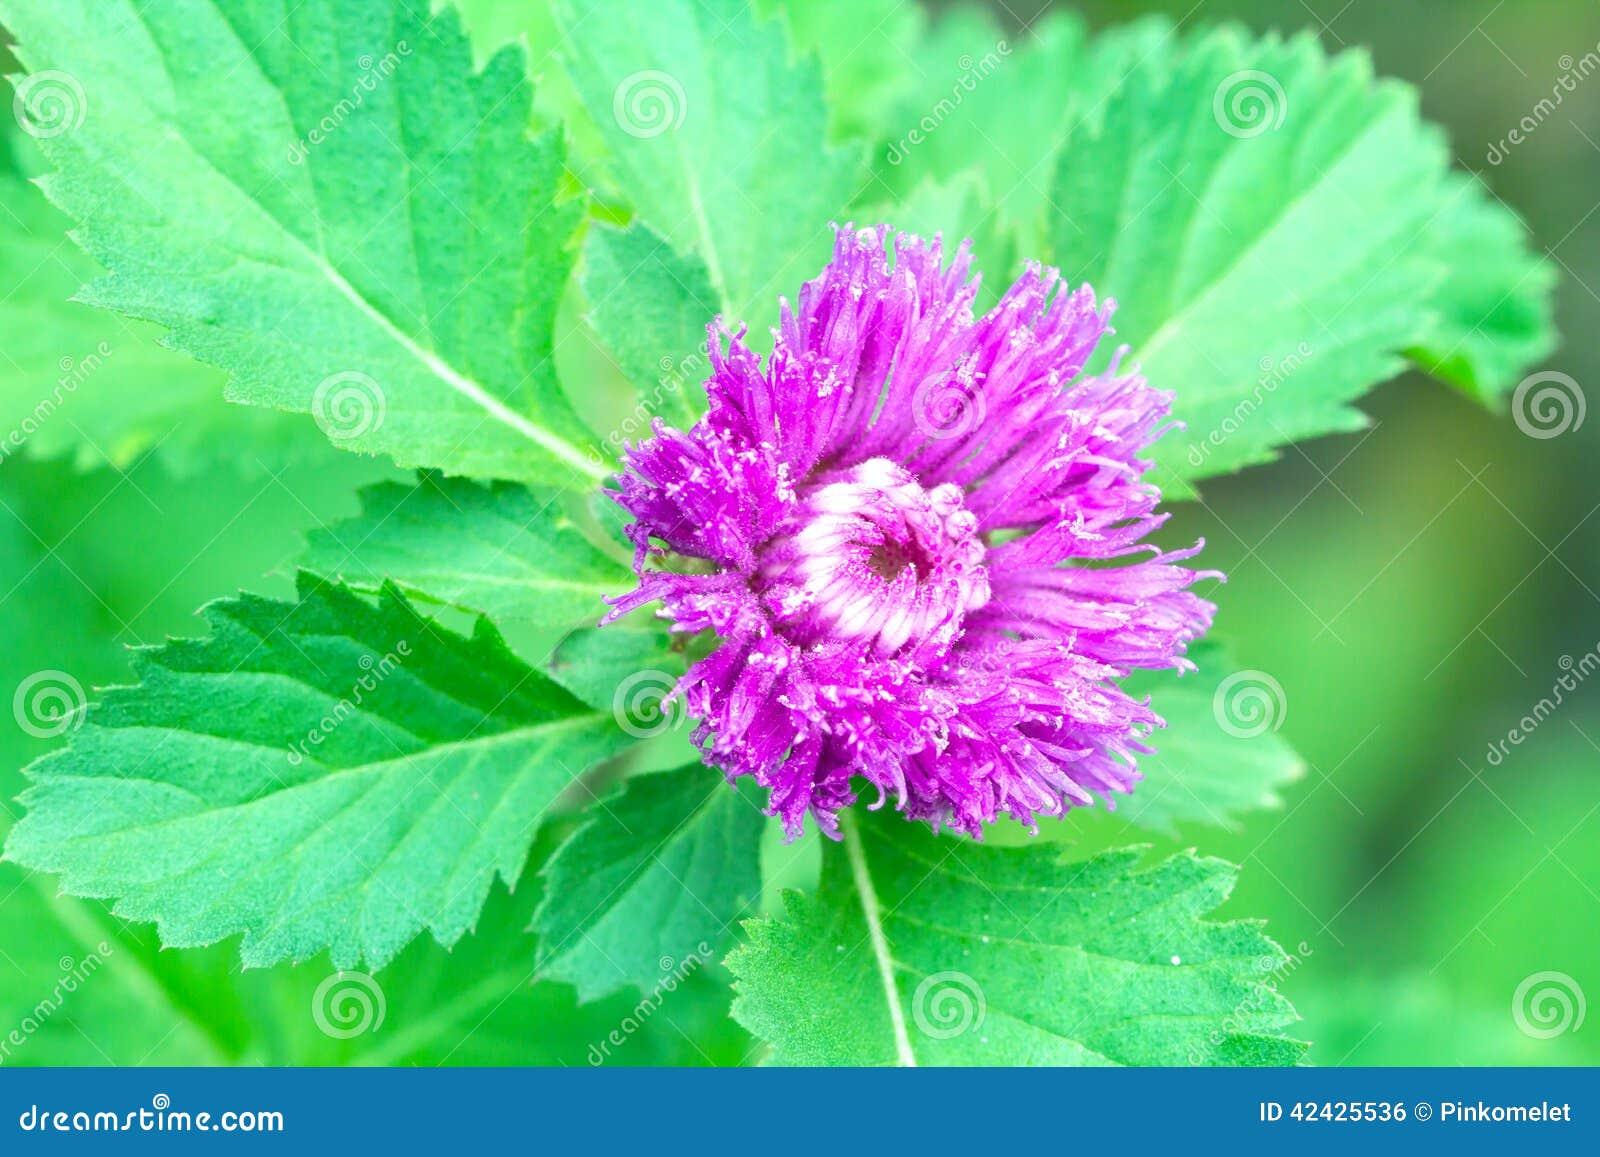 Flor violeta del primer con la hoja verde